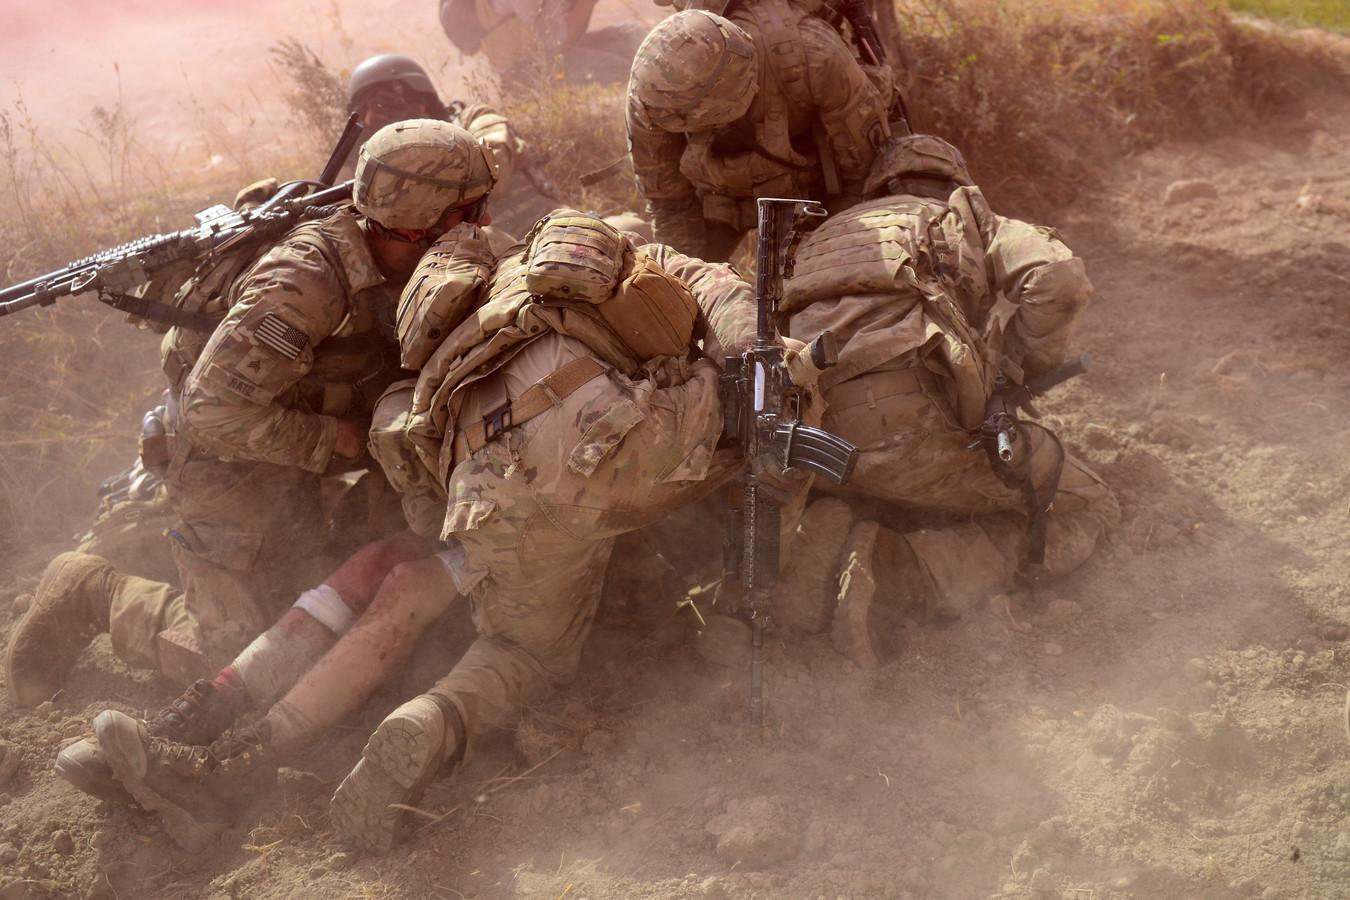 Amerikaanse militairen in Afghanistan ontfermen zich over een gewonde kameraad.